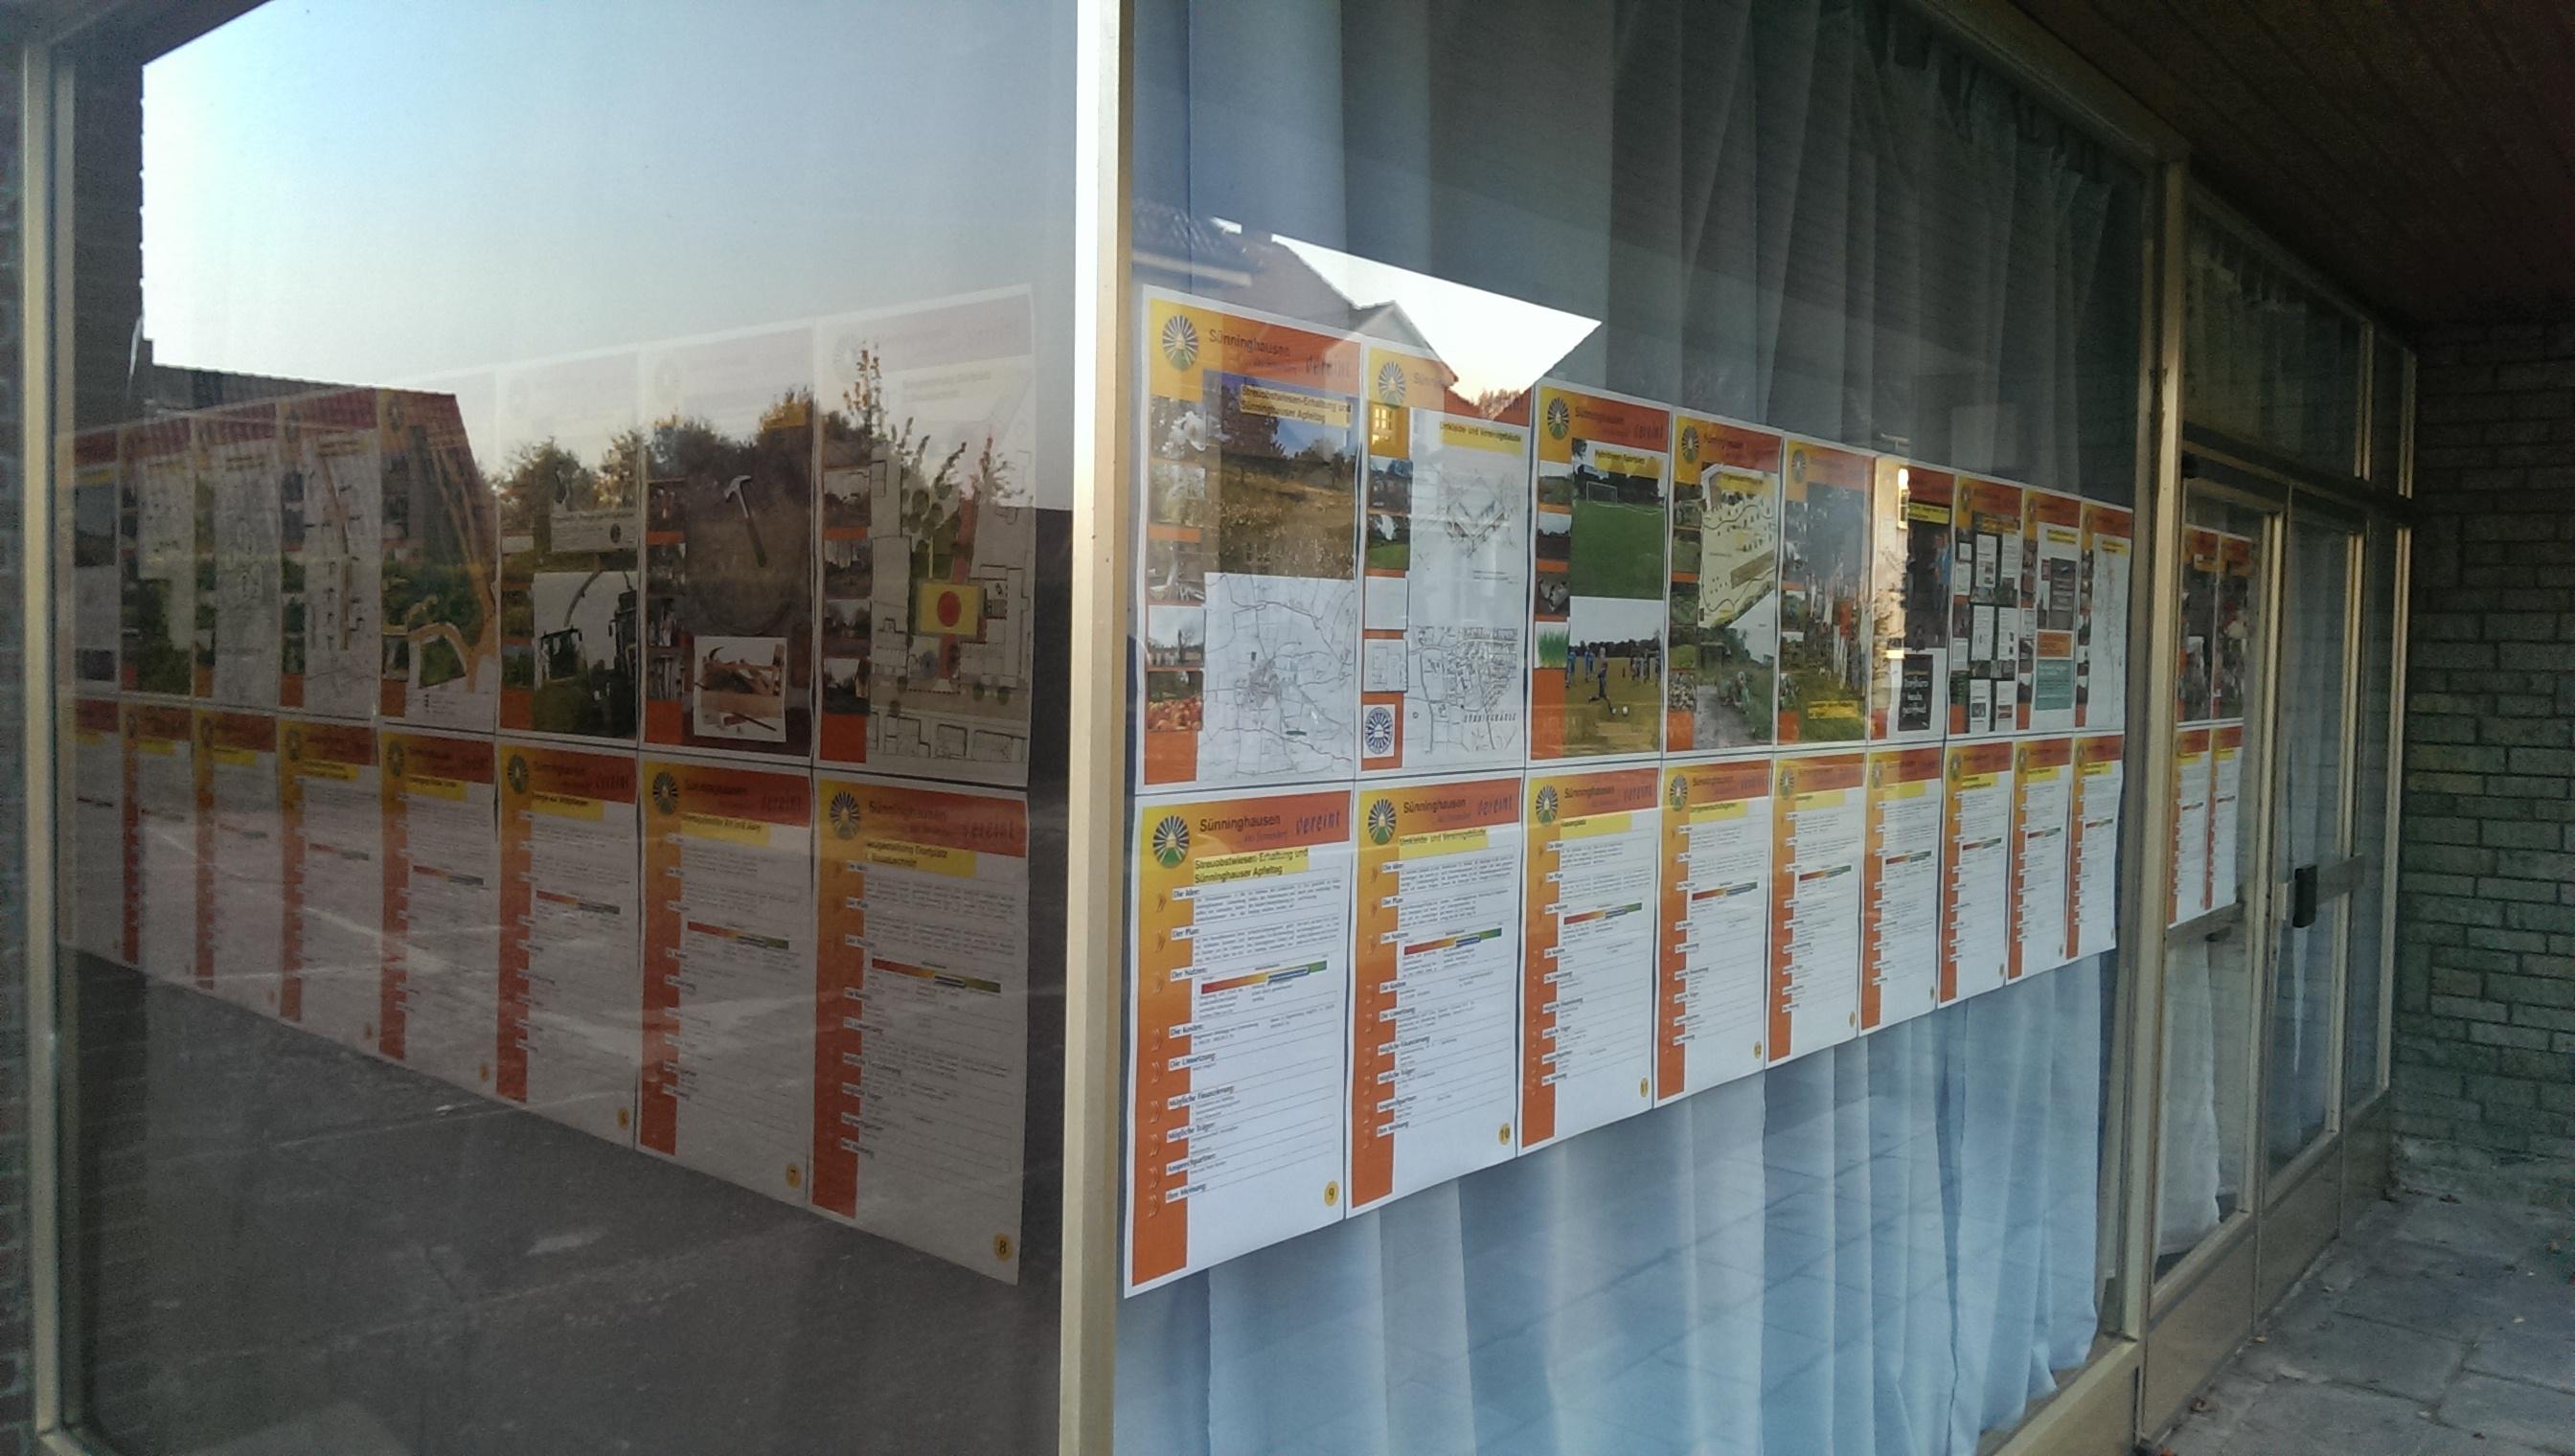 Plakate des DEK - Dorfentwicklungskonzepts